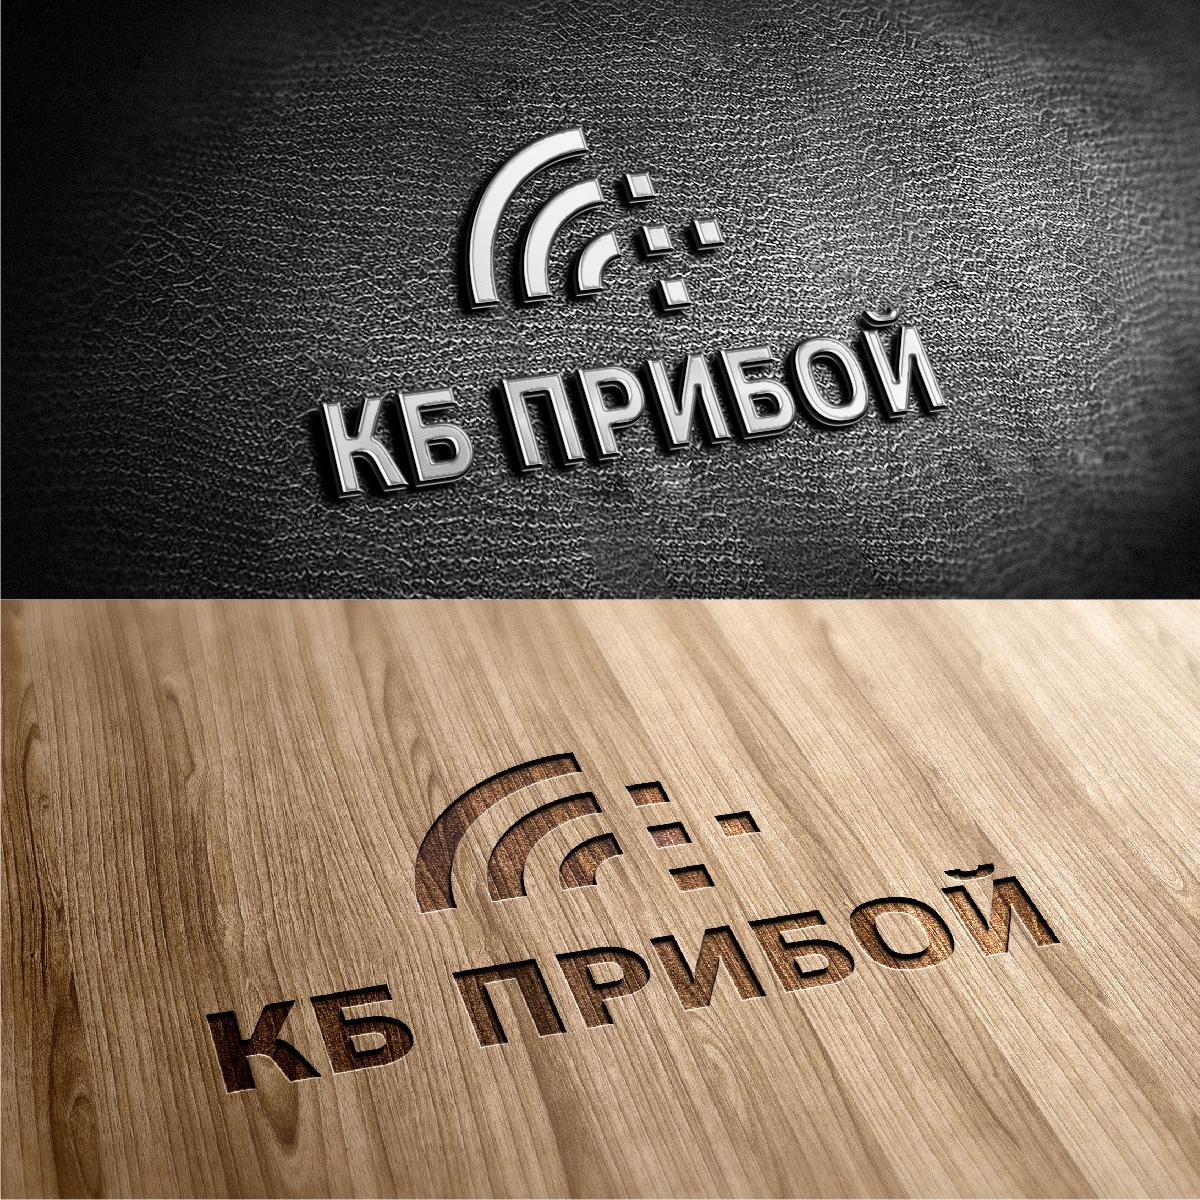 Разработка логотипа и фирменного стиля для КБ Прибой фото f_0135b27bb517e1e7.jpg